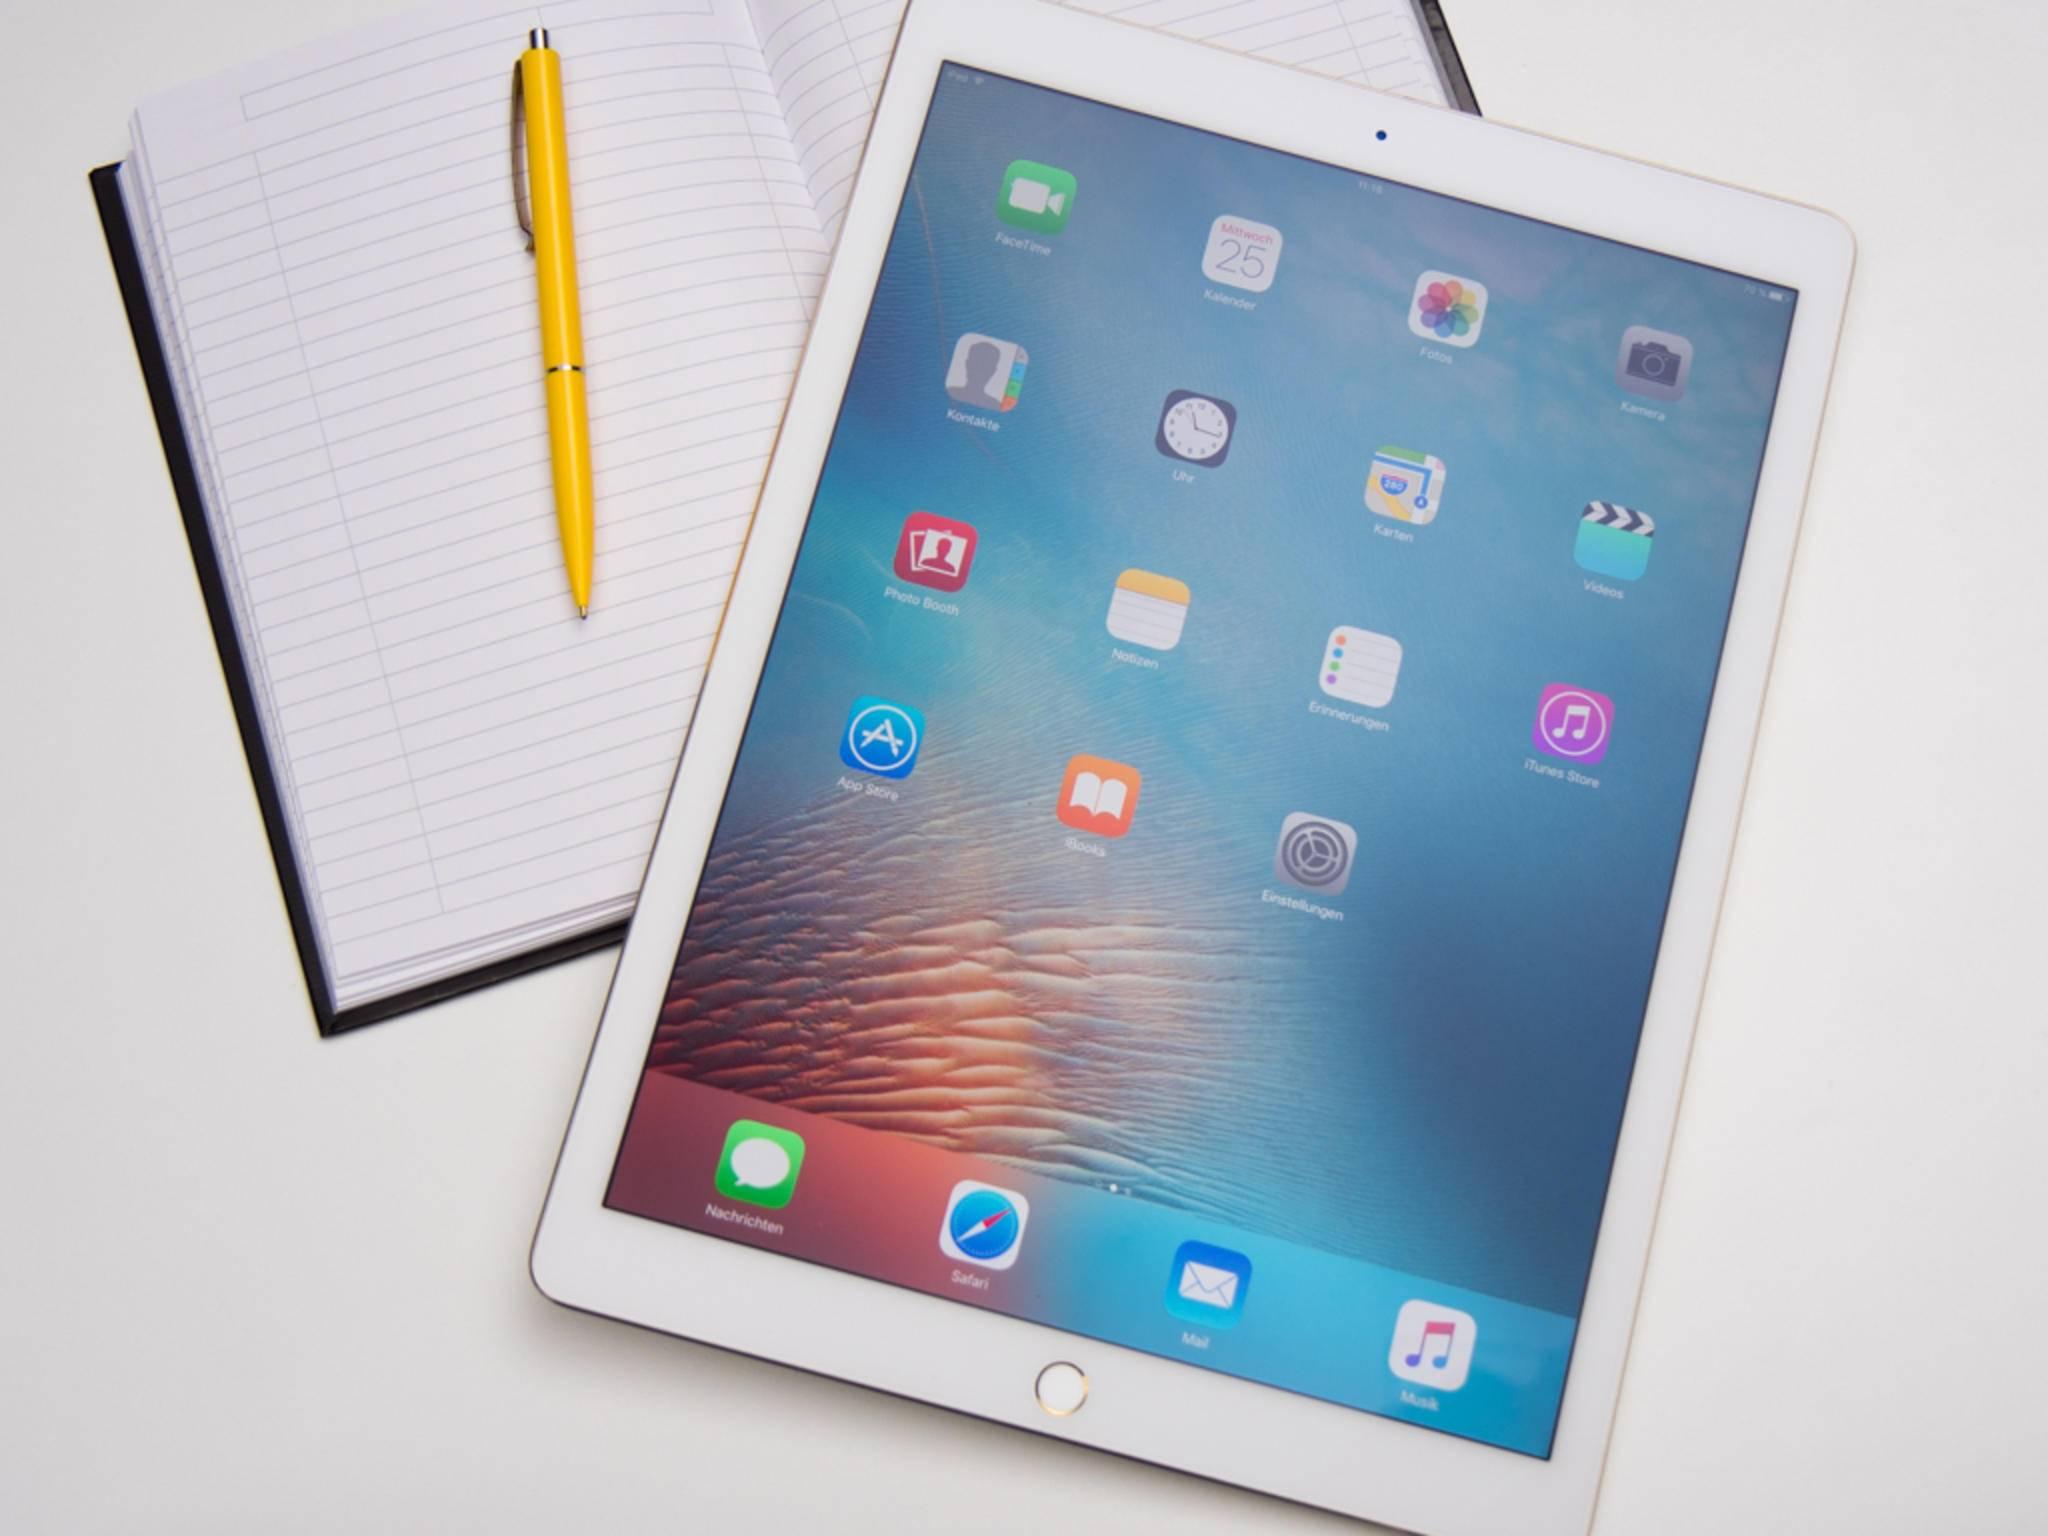 Fotos_iPadPro-3